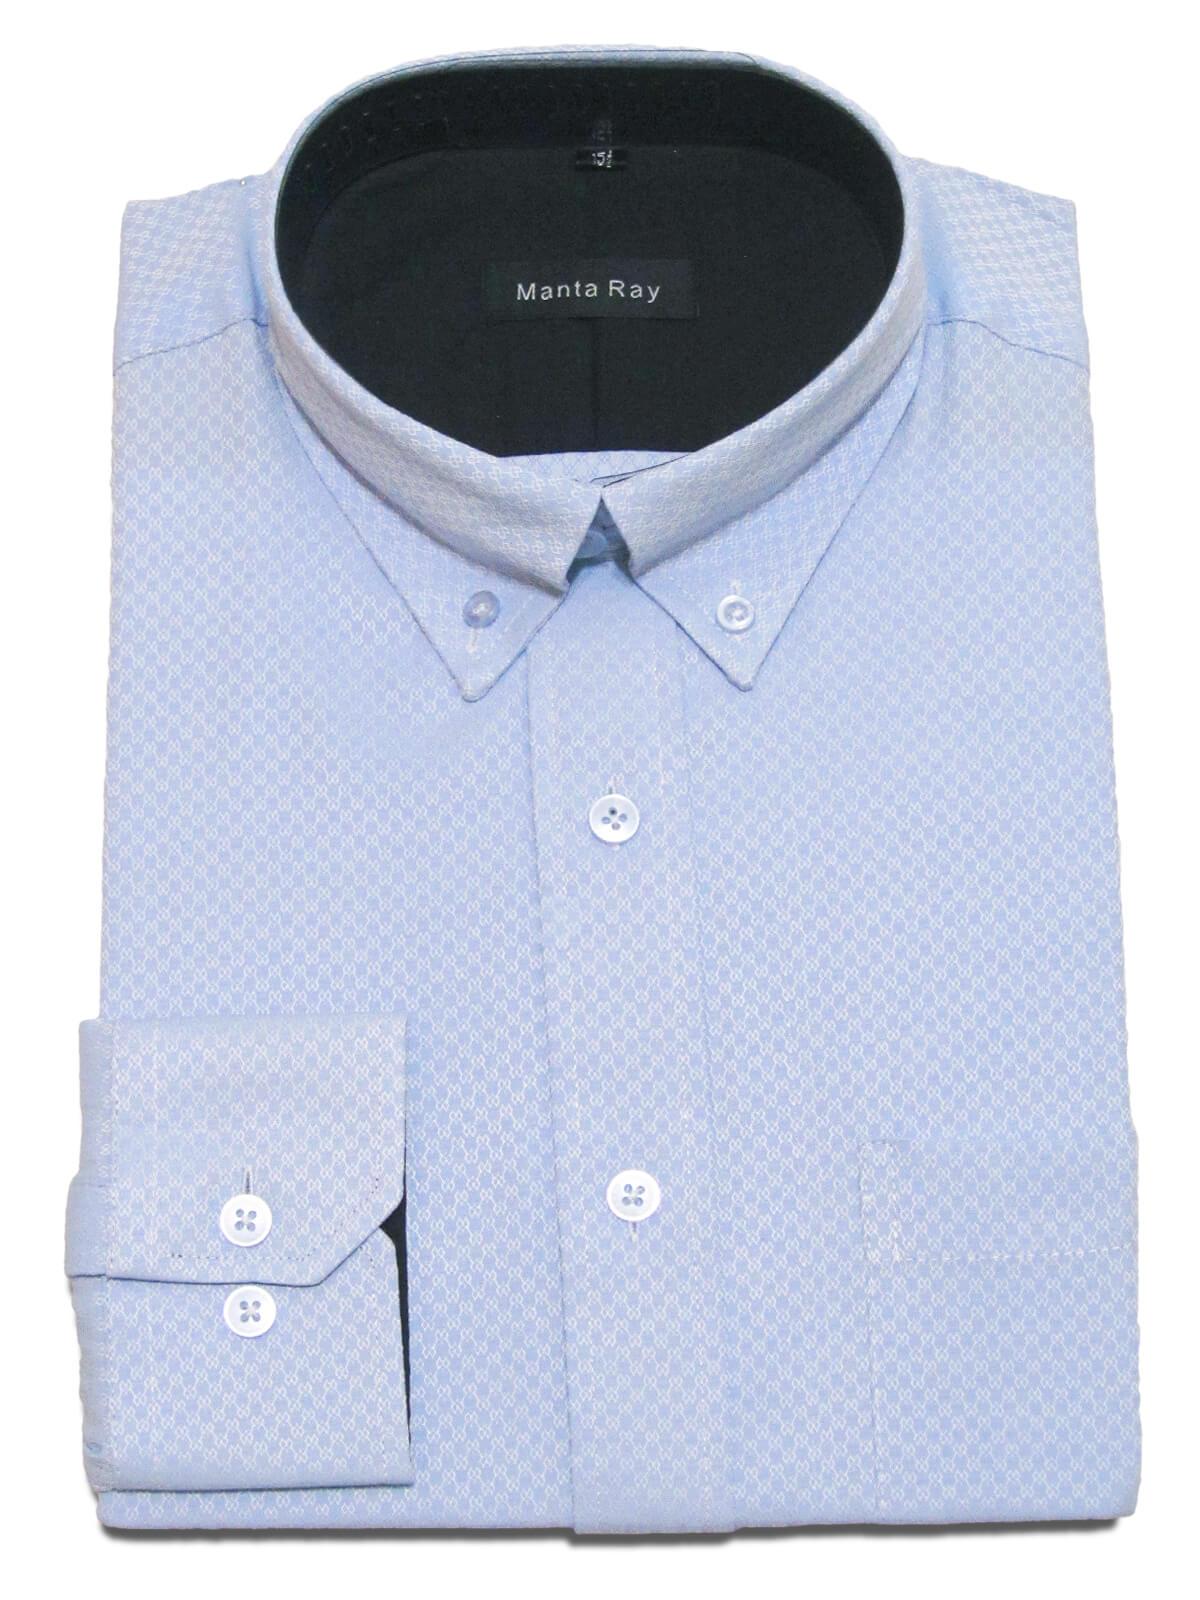 sun-e333加大尺碼長袖格紋襯衫、上班族襯衫、標準襯衫、商務襯衫、正式場合襯衫、棉成分高舒適透氣襯衫、不皺免燙襯衫、白色格紋襯衫(333-A8209-1)淺粉格紋襯衫(333-A8209-2)紫色格紋襯衫(333-A8209-8)藍色格紋襯衫(333-A8207-7) 領圍:14 14.5 15 15.5 16 16.5 17.5 18.5 19.5 限時優惠任2件1000元又免運 5